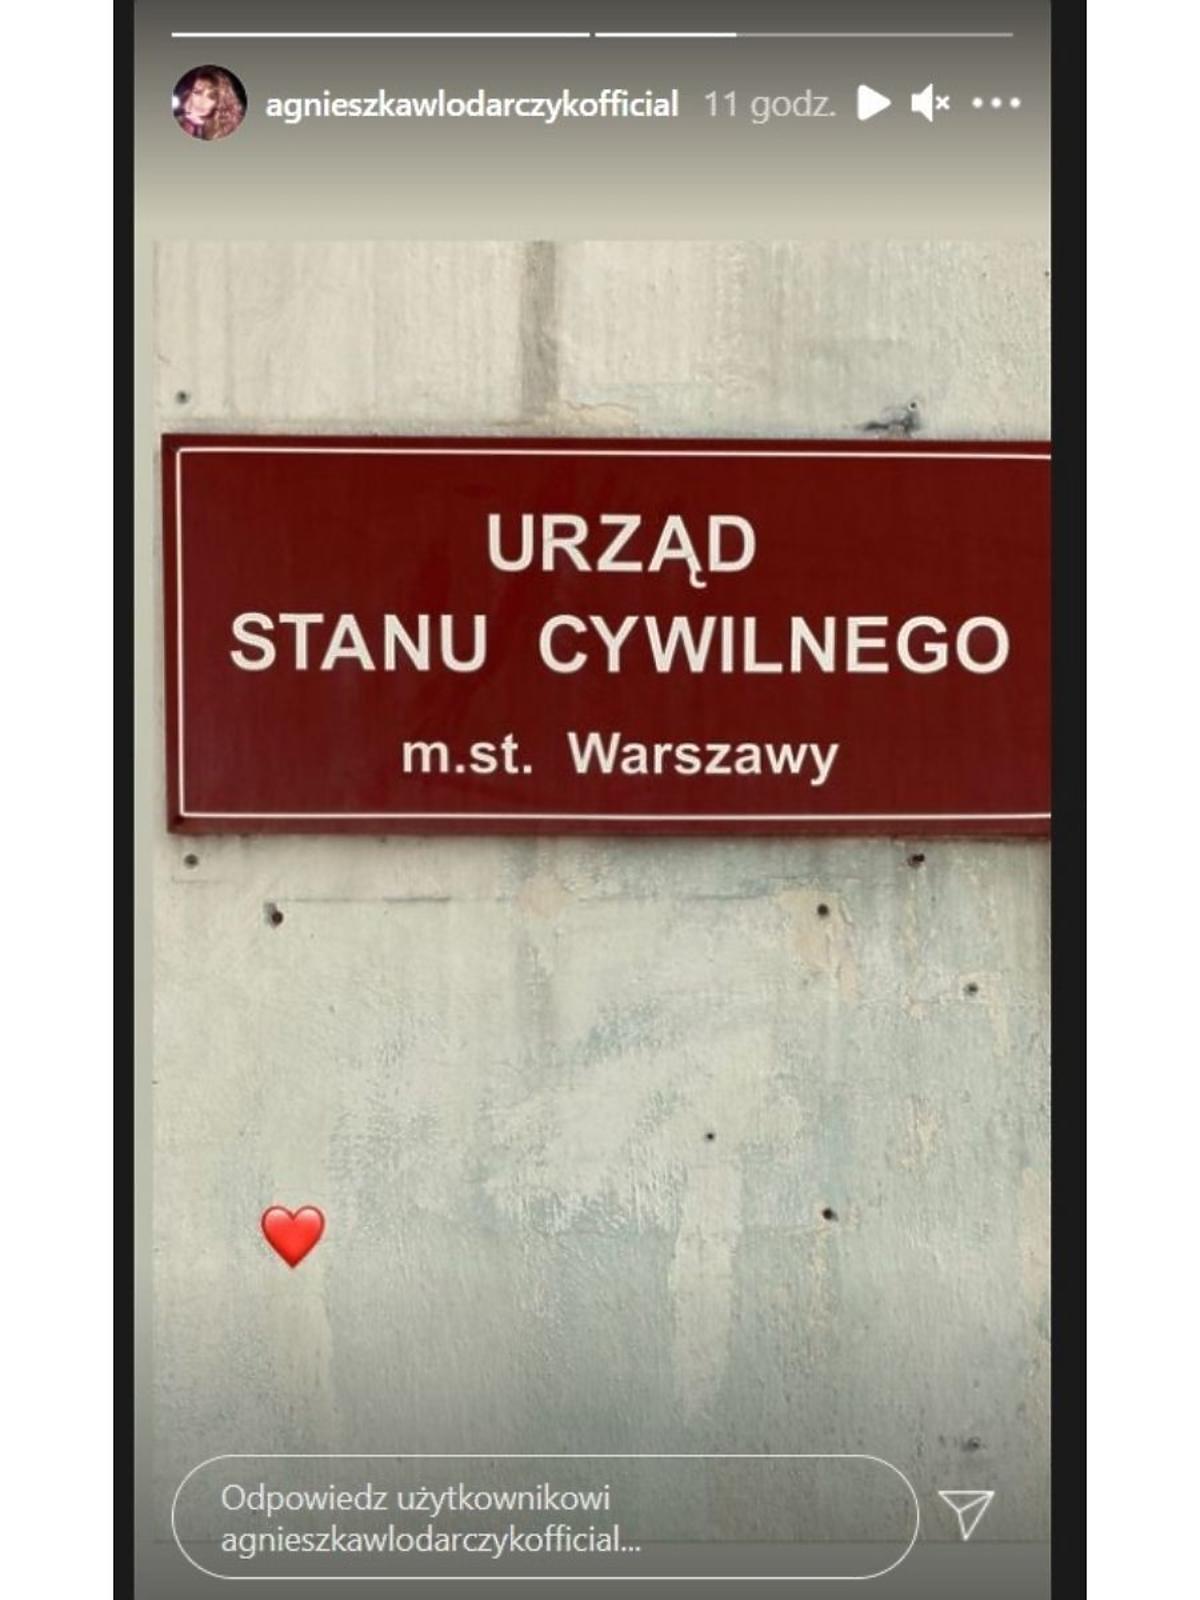 Agnieszka Włodarczyk wzięla ślub